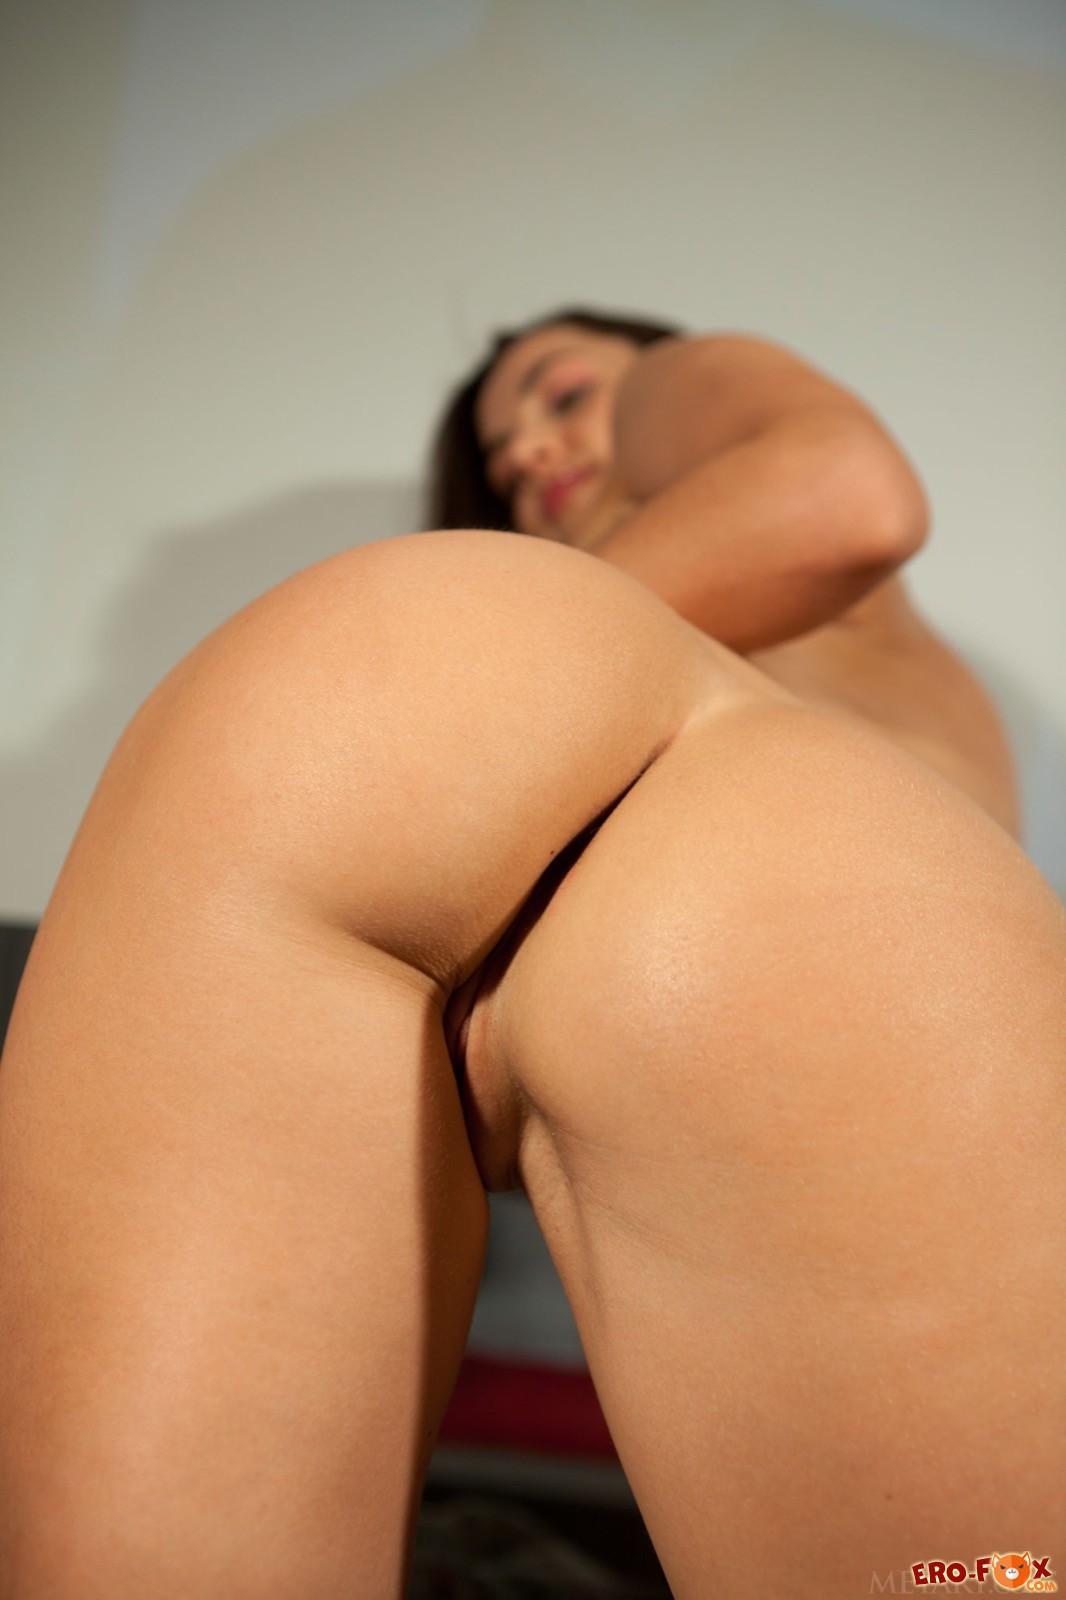 Накаченная голенькая задница молоденькой девушки